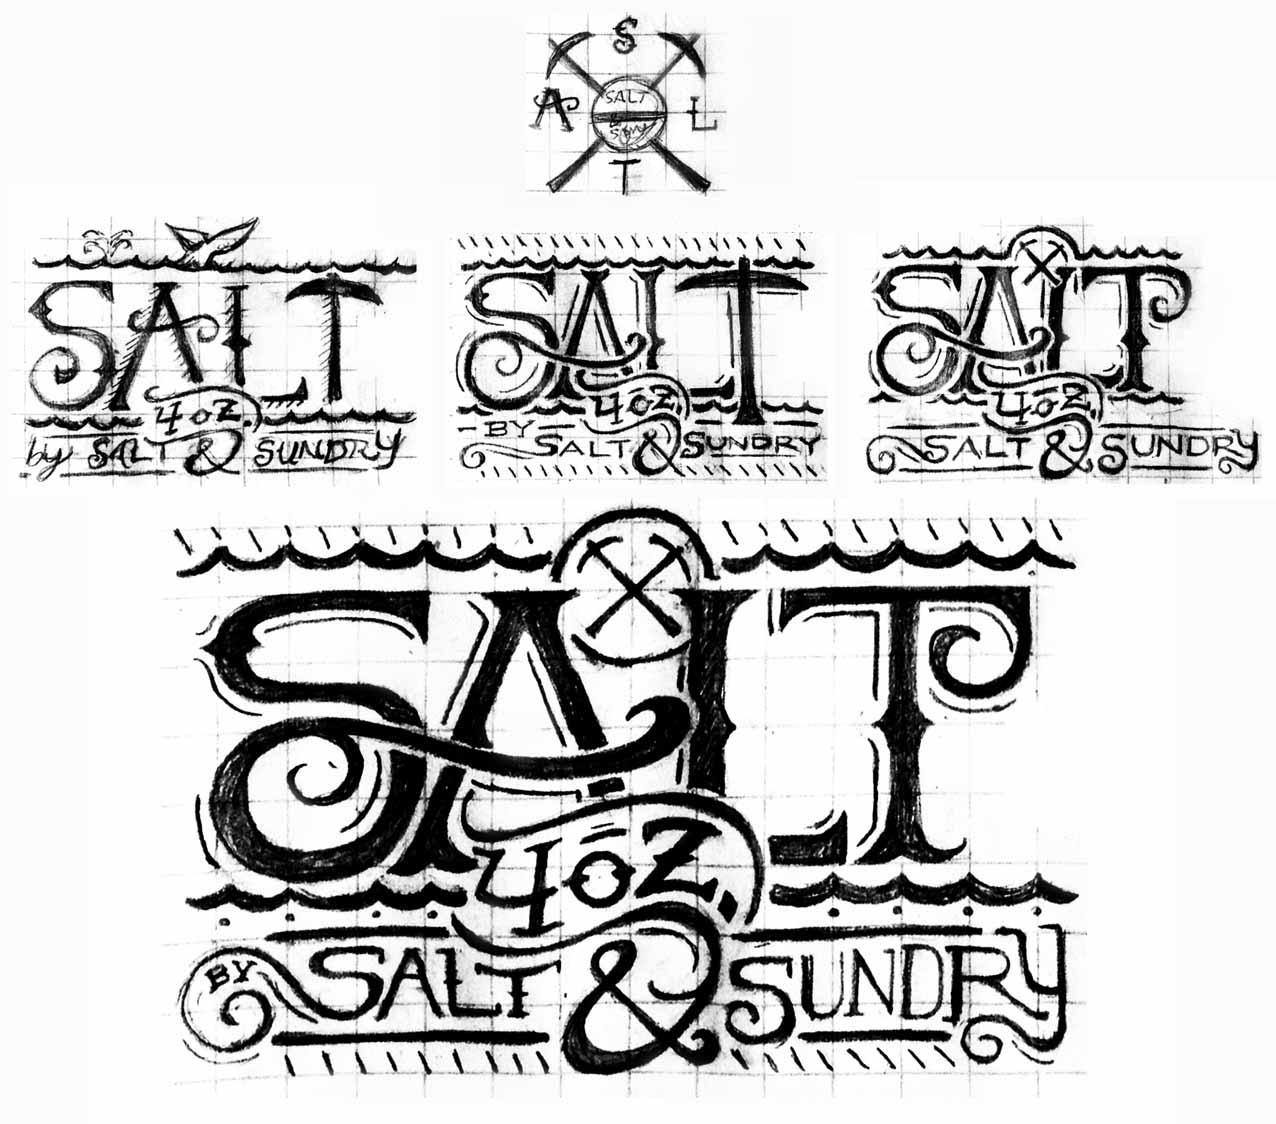 Salt Label - image 6 - student project